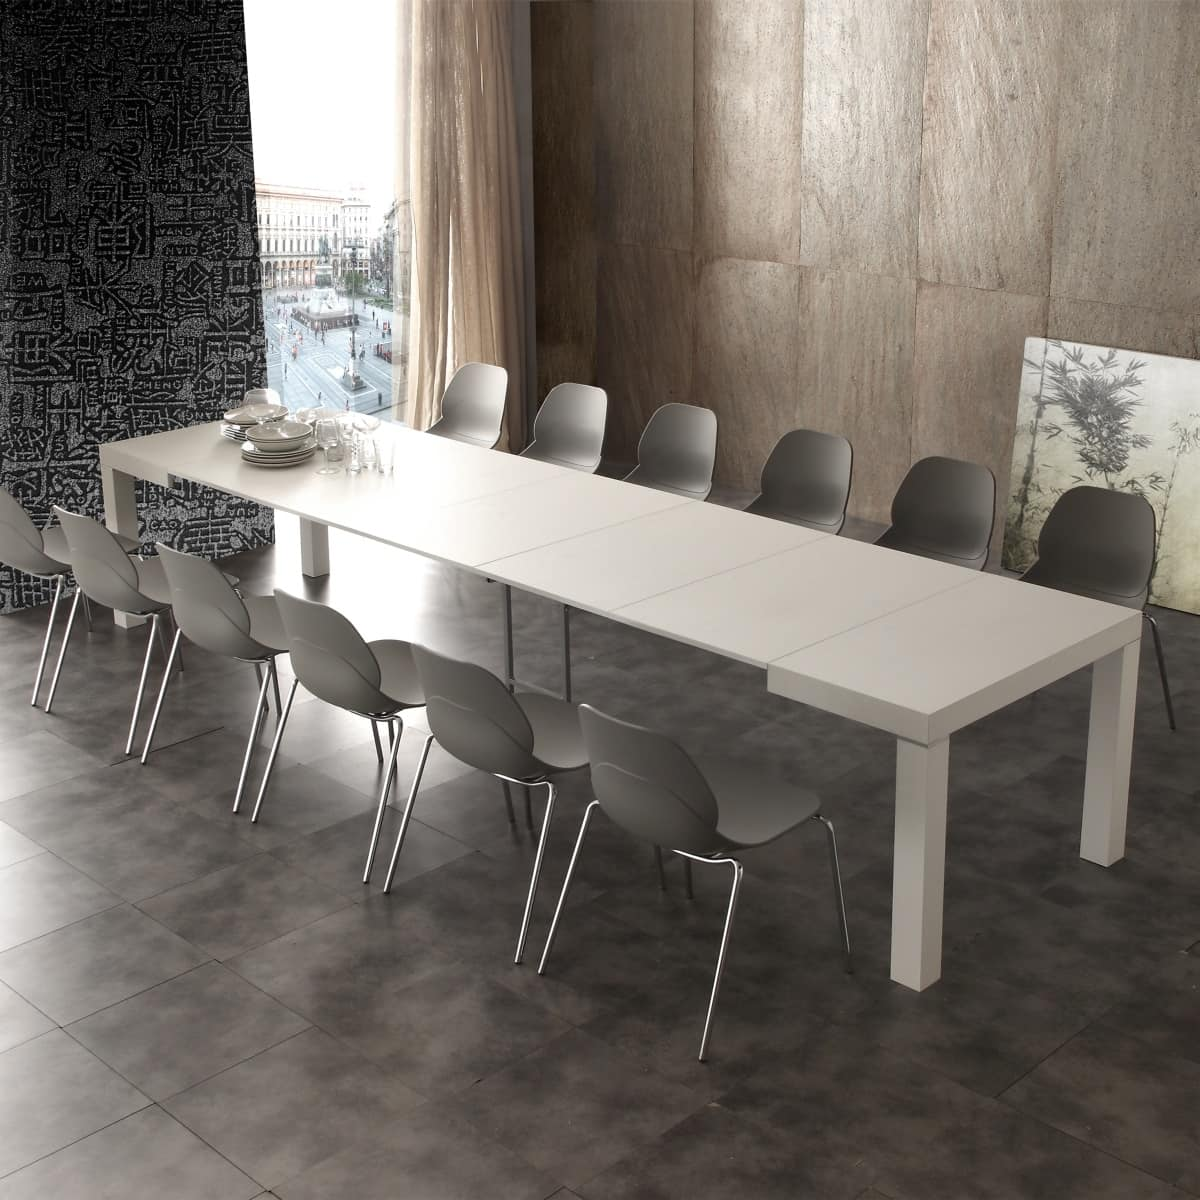 Tavolo allungabile con varie allunghe, in legno | IDFdesign